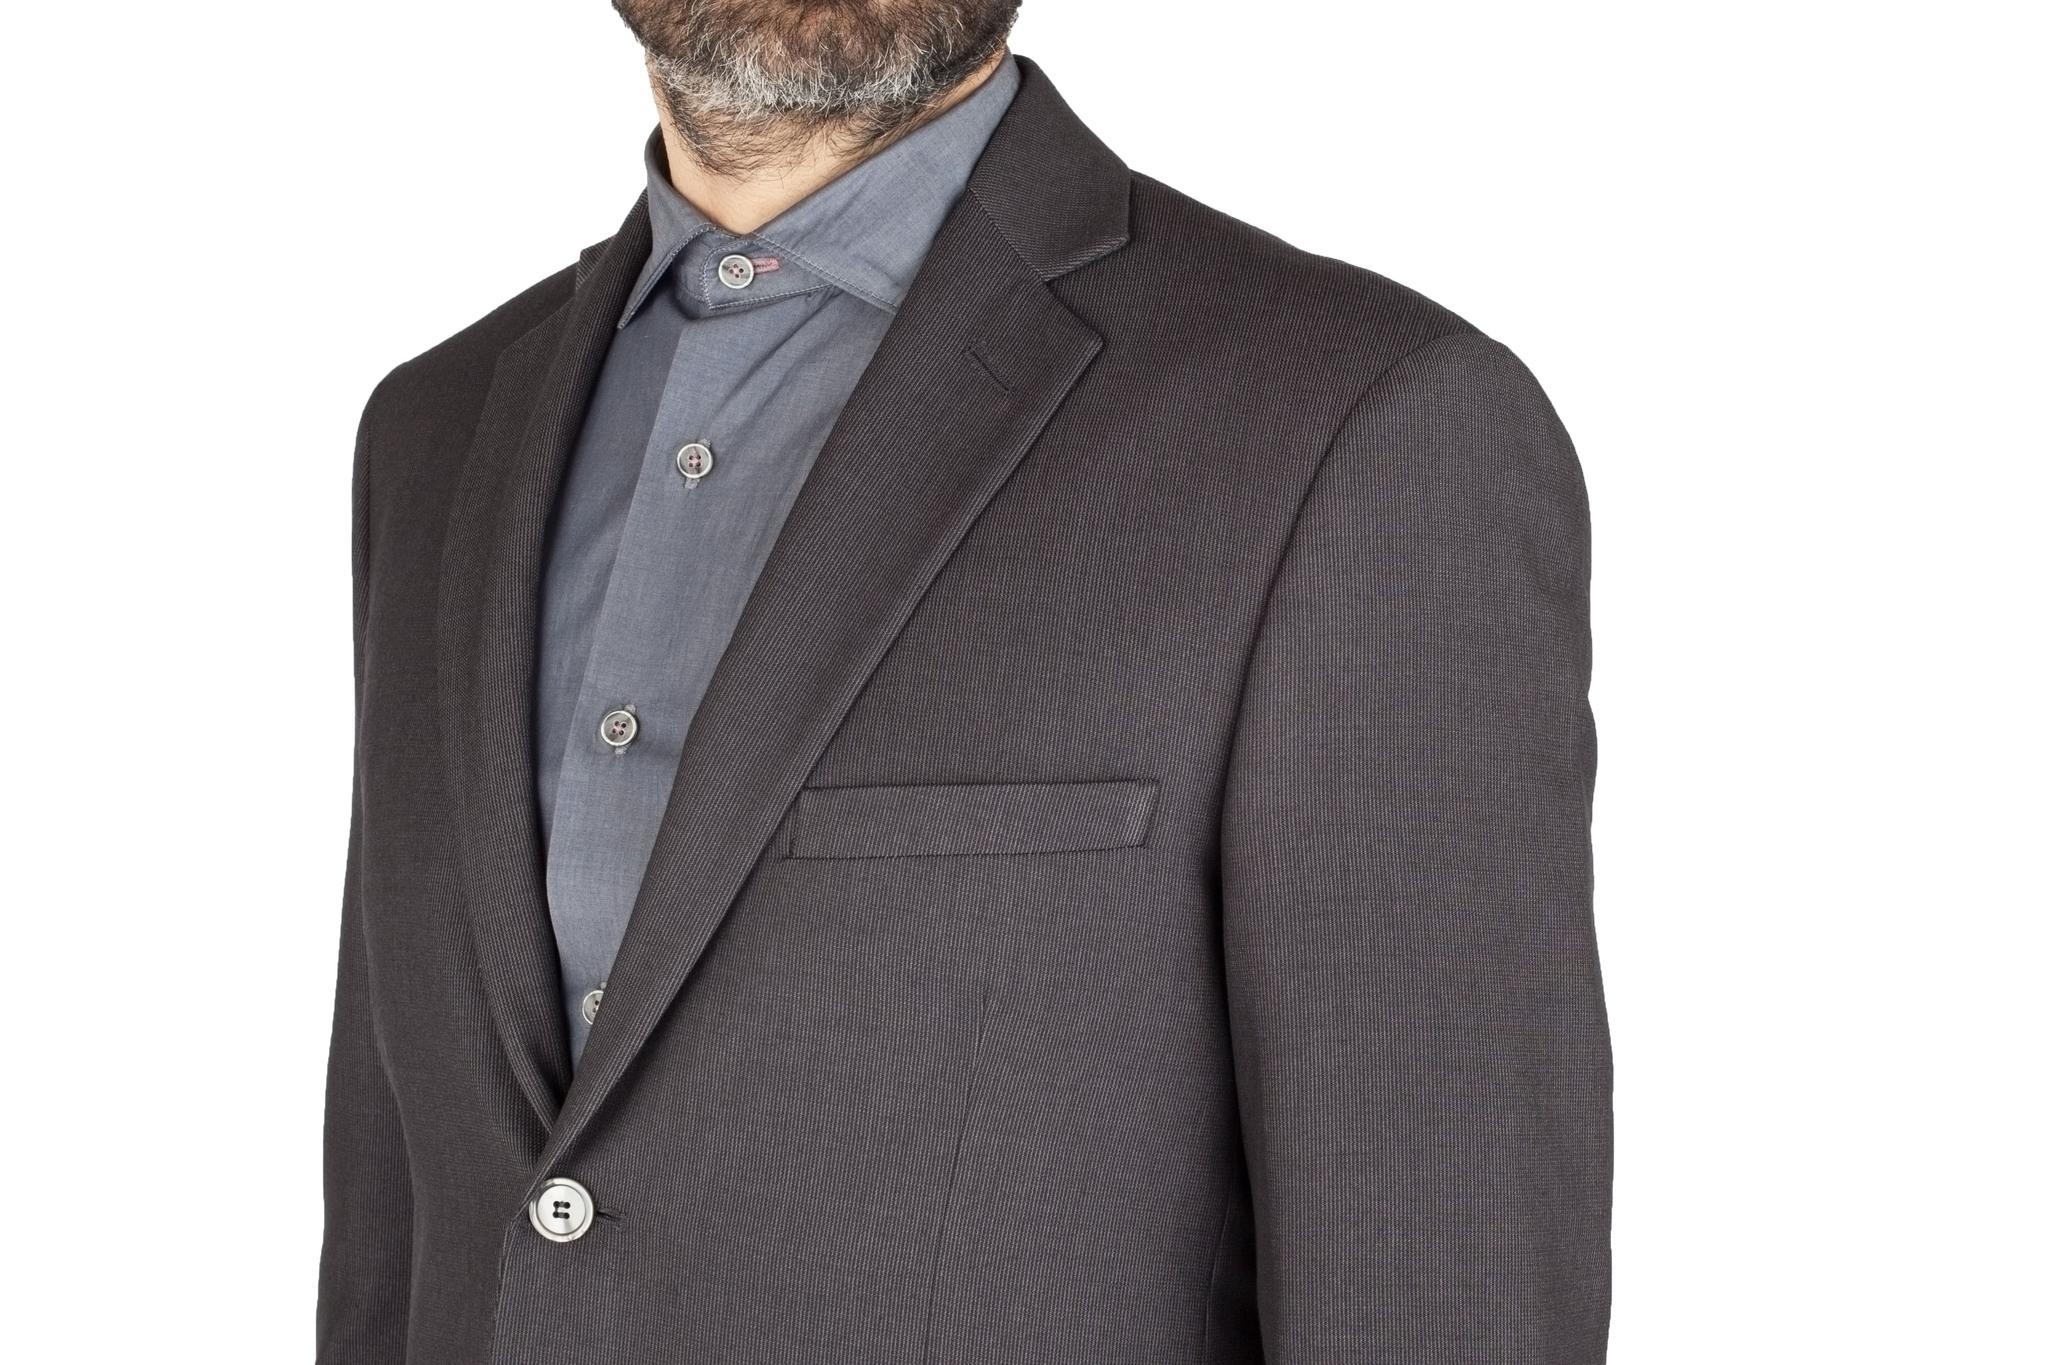 Серый шерстяной костюм в еле заметную полоску, нагрудный карман